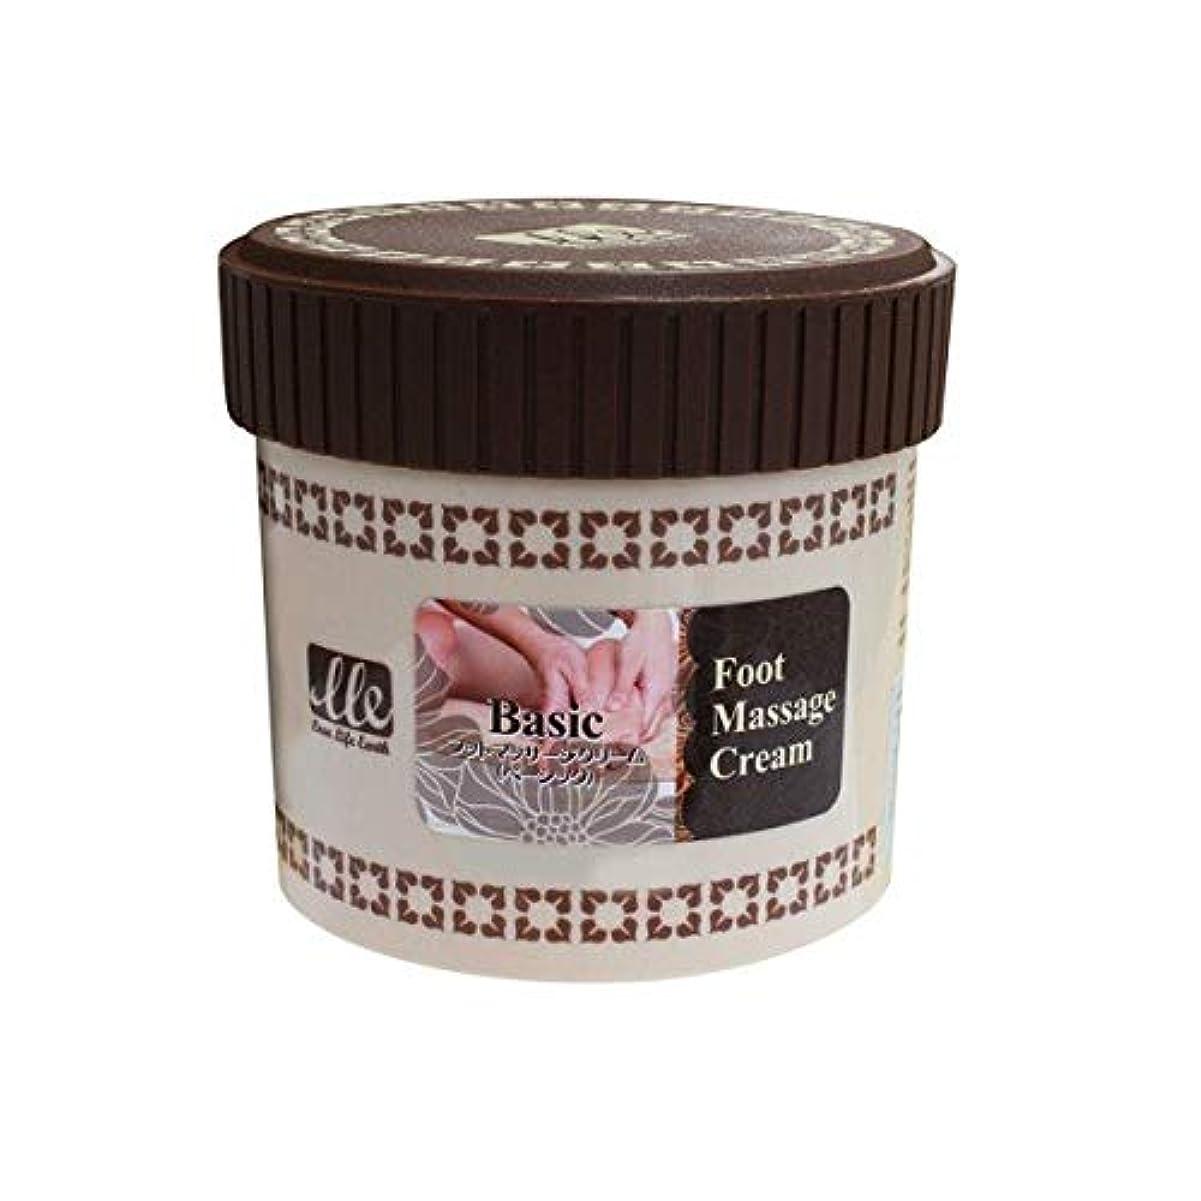 恐れ戻るラベLLE フットマッサージクリーム 業務用 450g (ベーシック) マッサージクリーム フットマッサージクリーム エステ用品